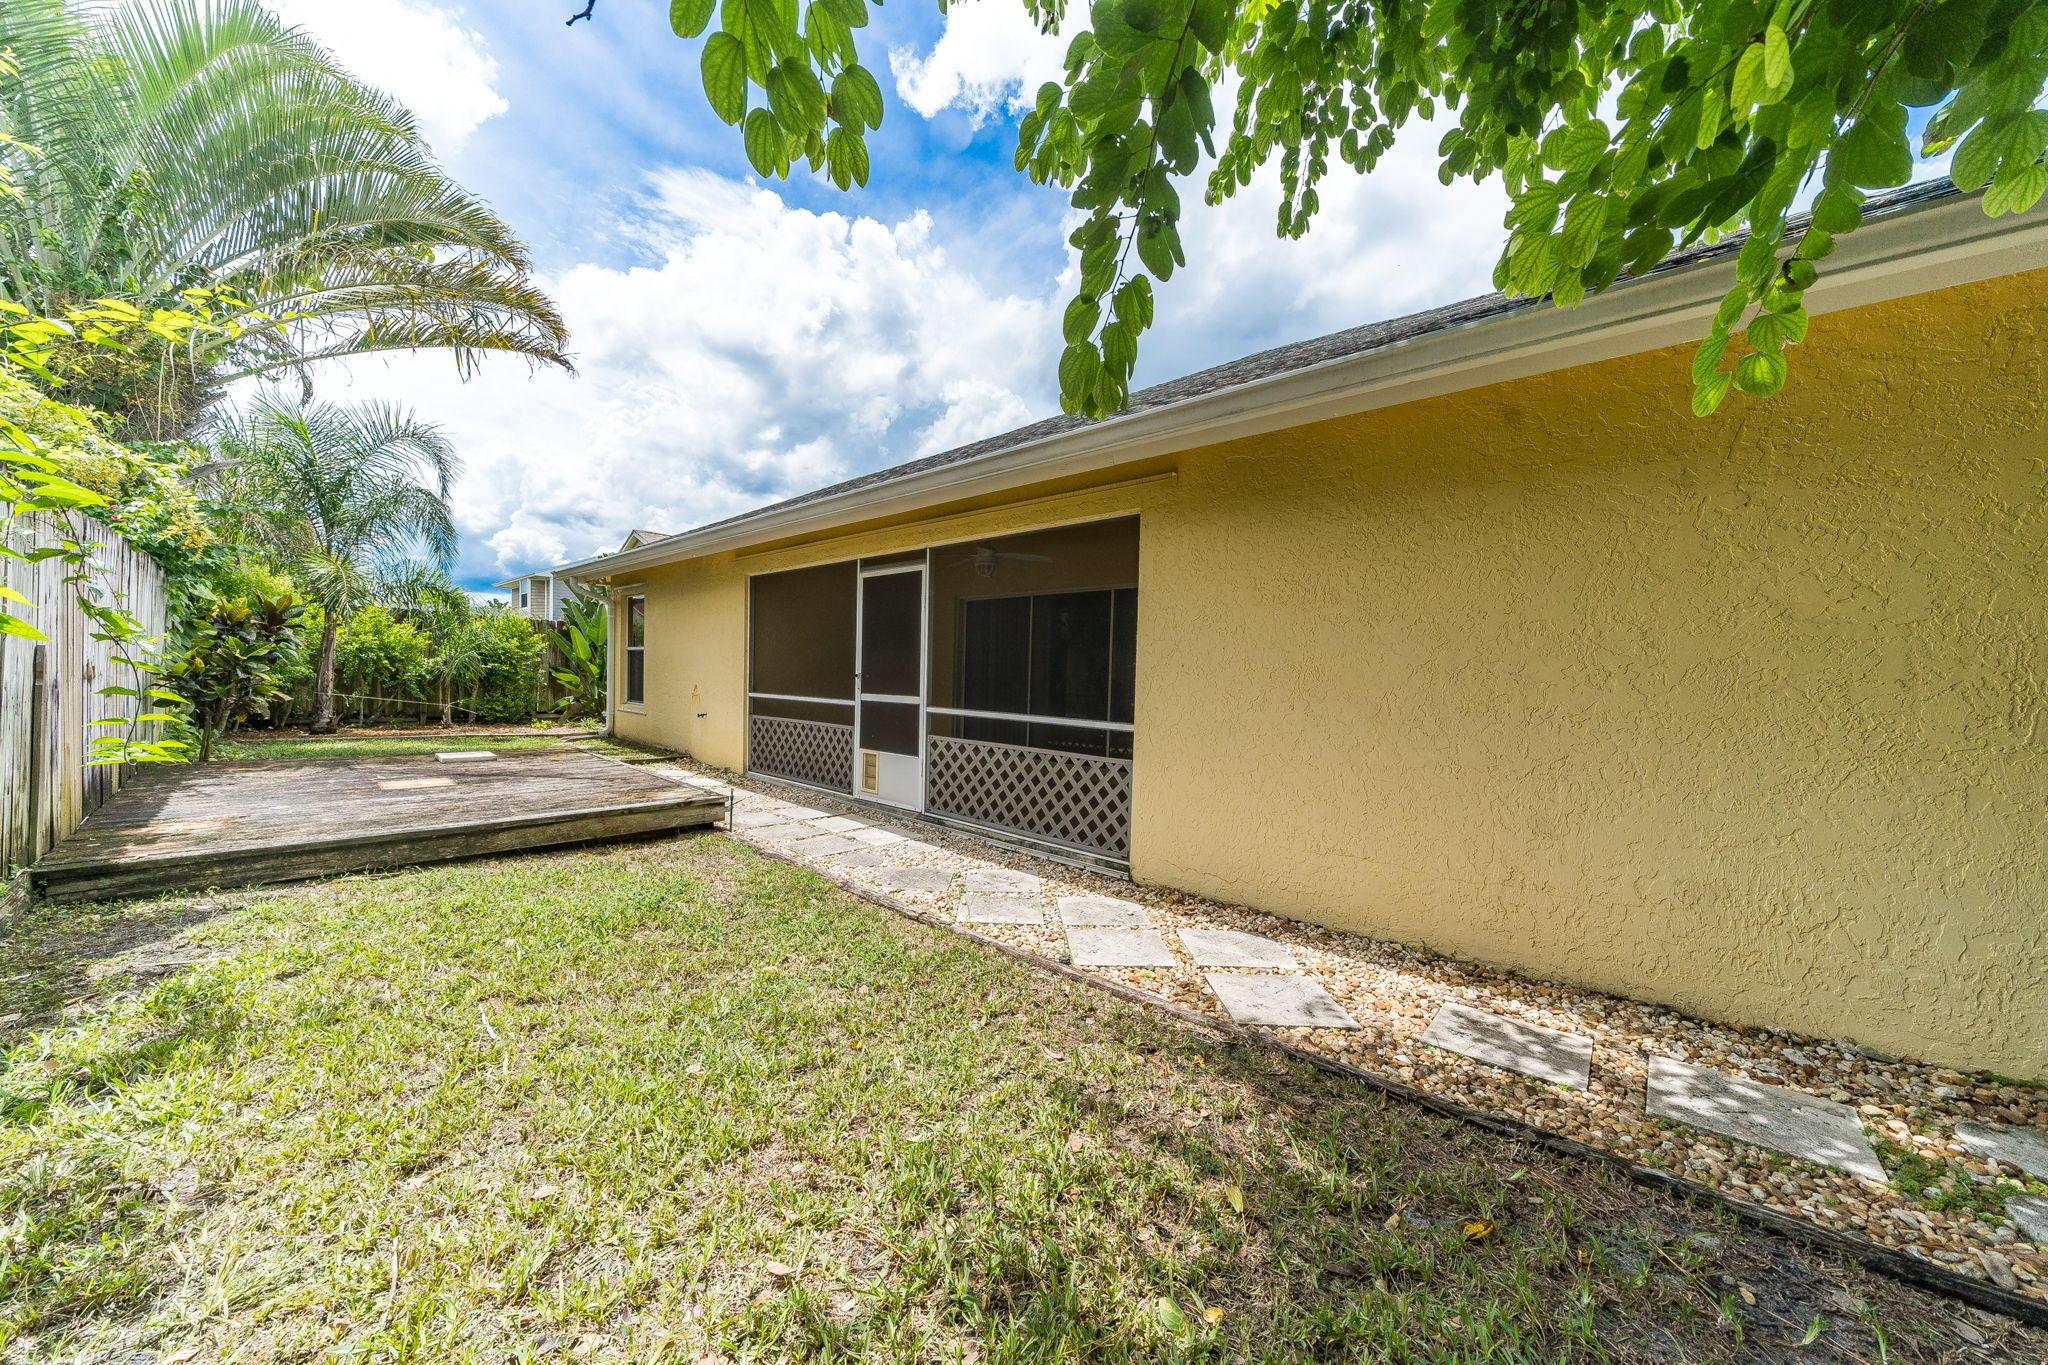 SHOWCASE RESIDENCES (BUILDER) JUPITER FLORIDA